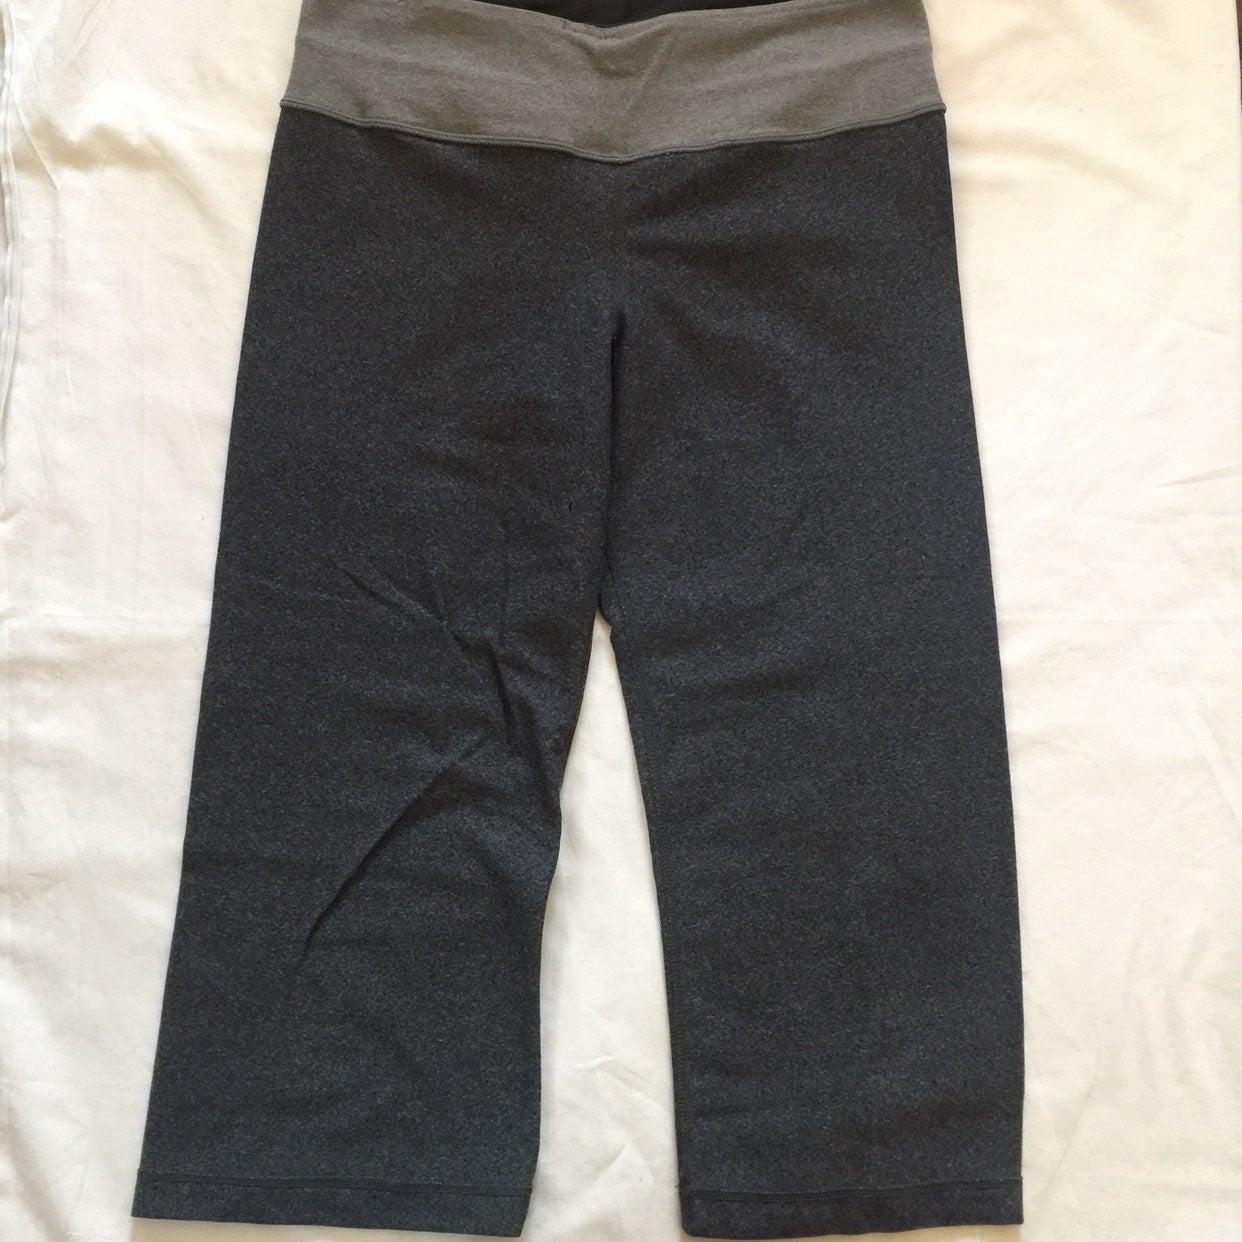 Lululemon groove crop reversible legging